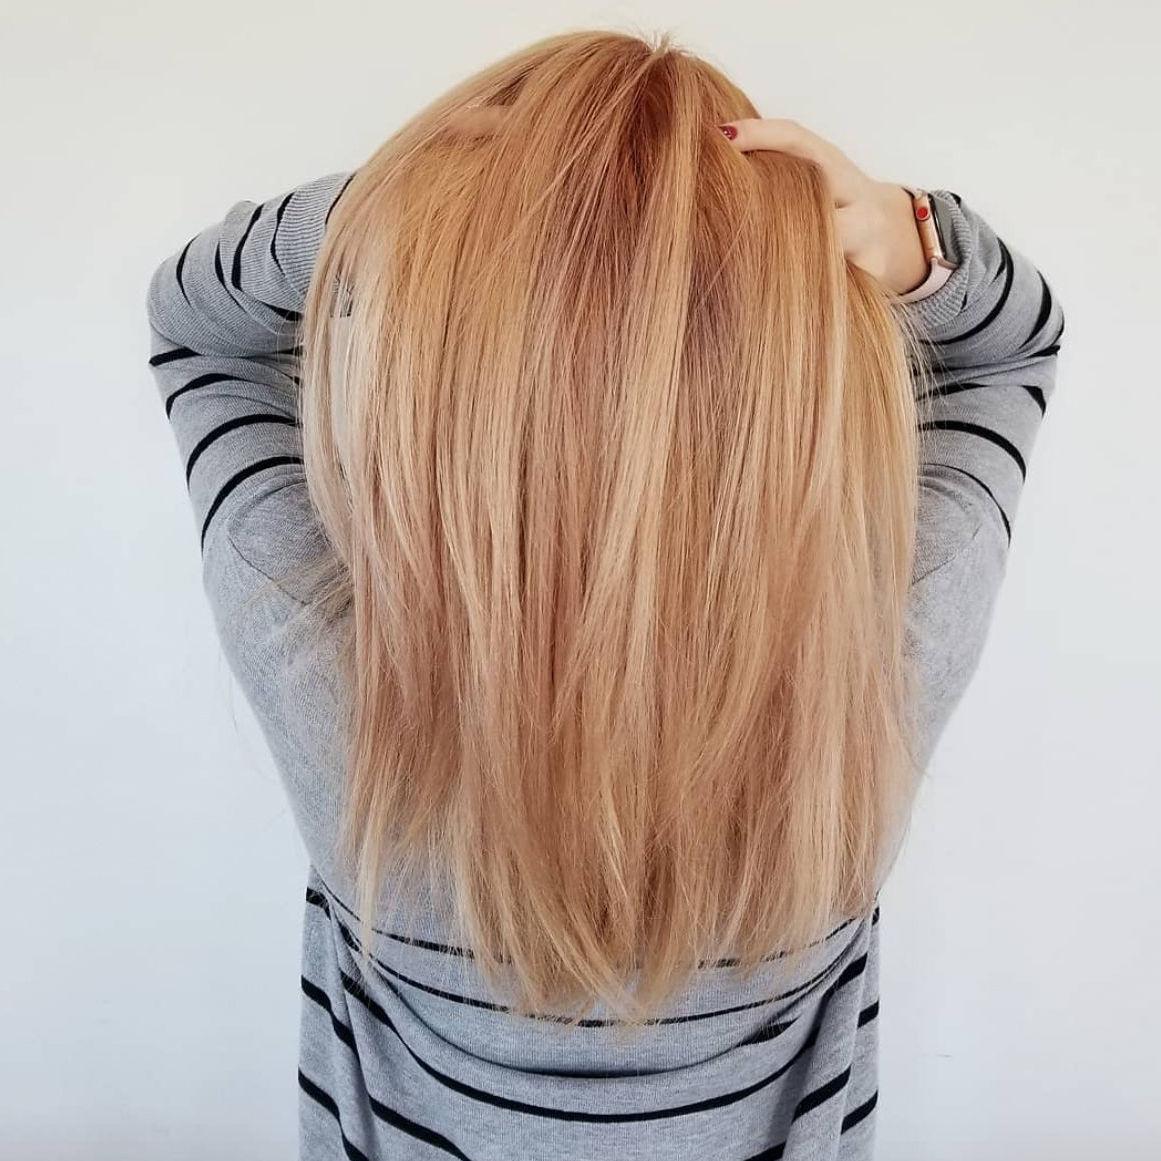 Strawberry Blond - Haarfarbe Ideen für glatte Haare